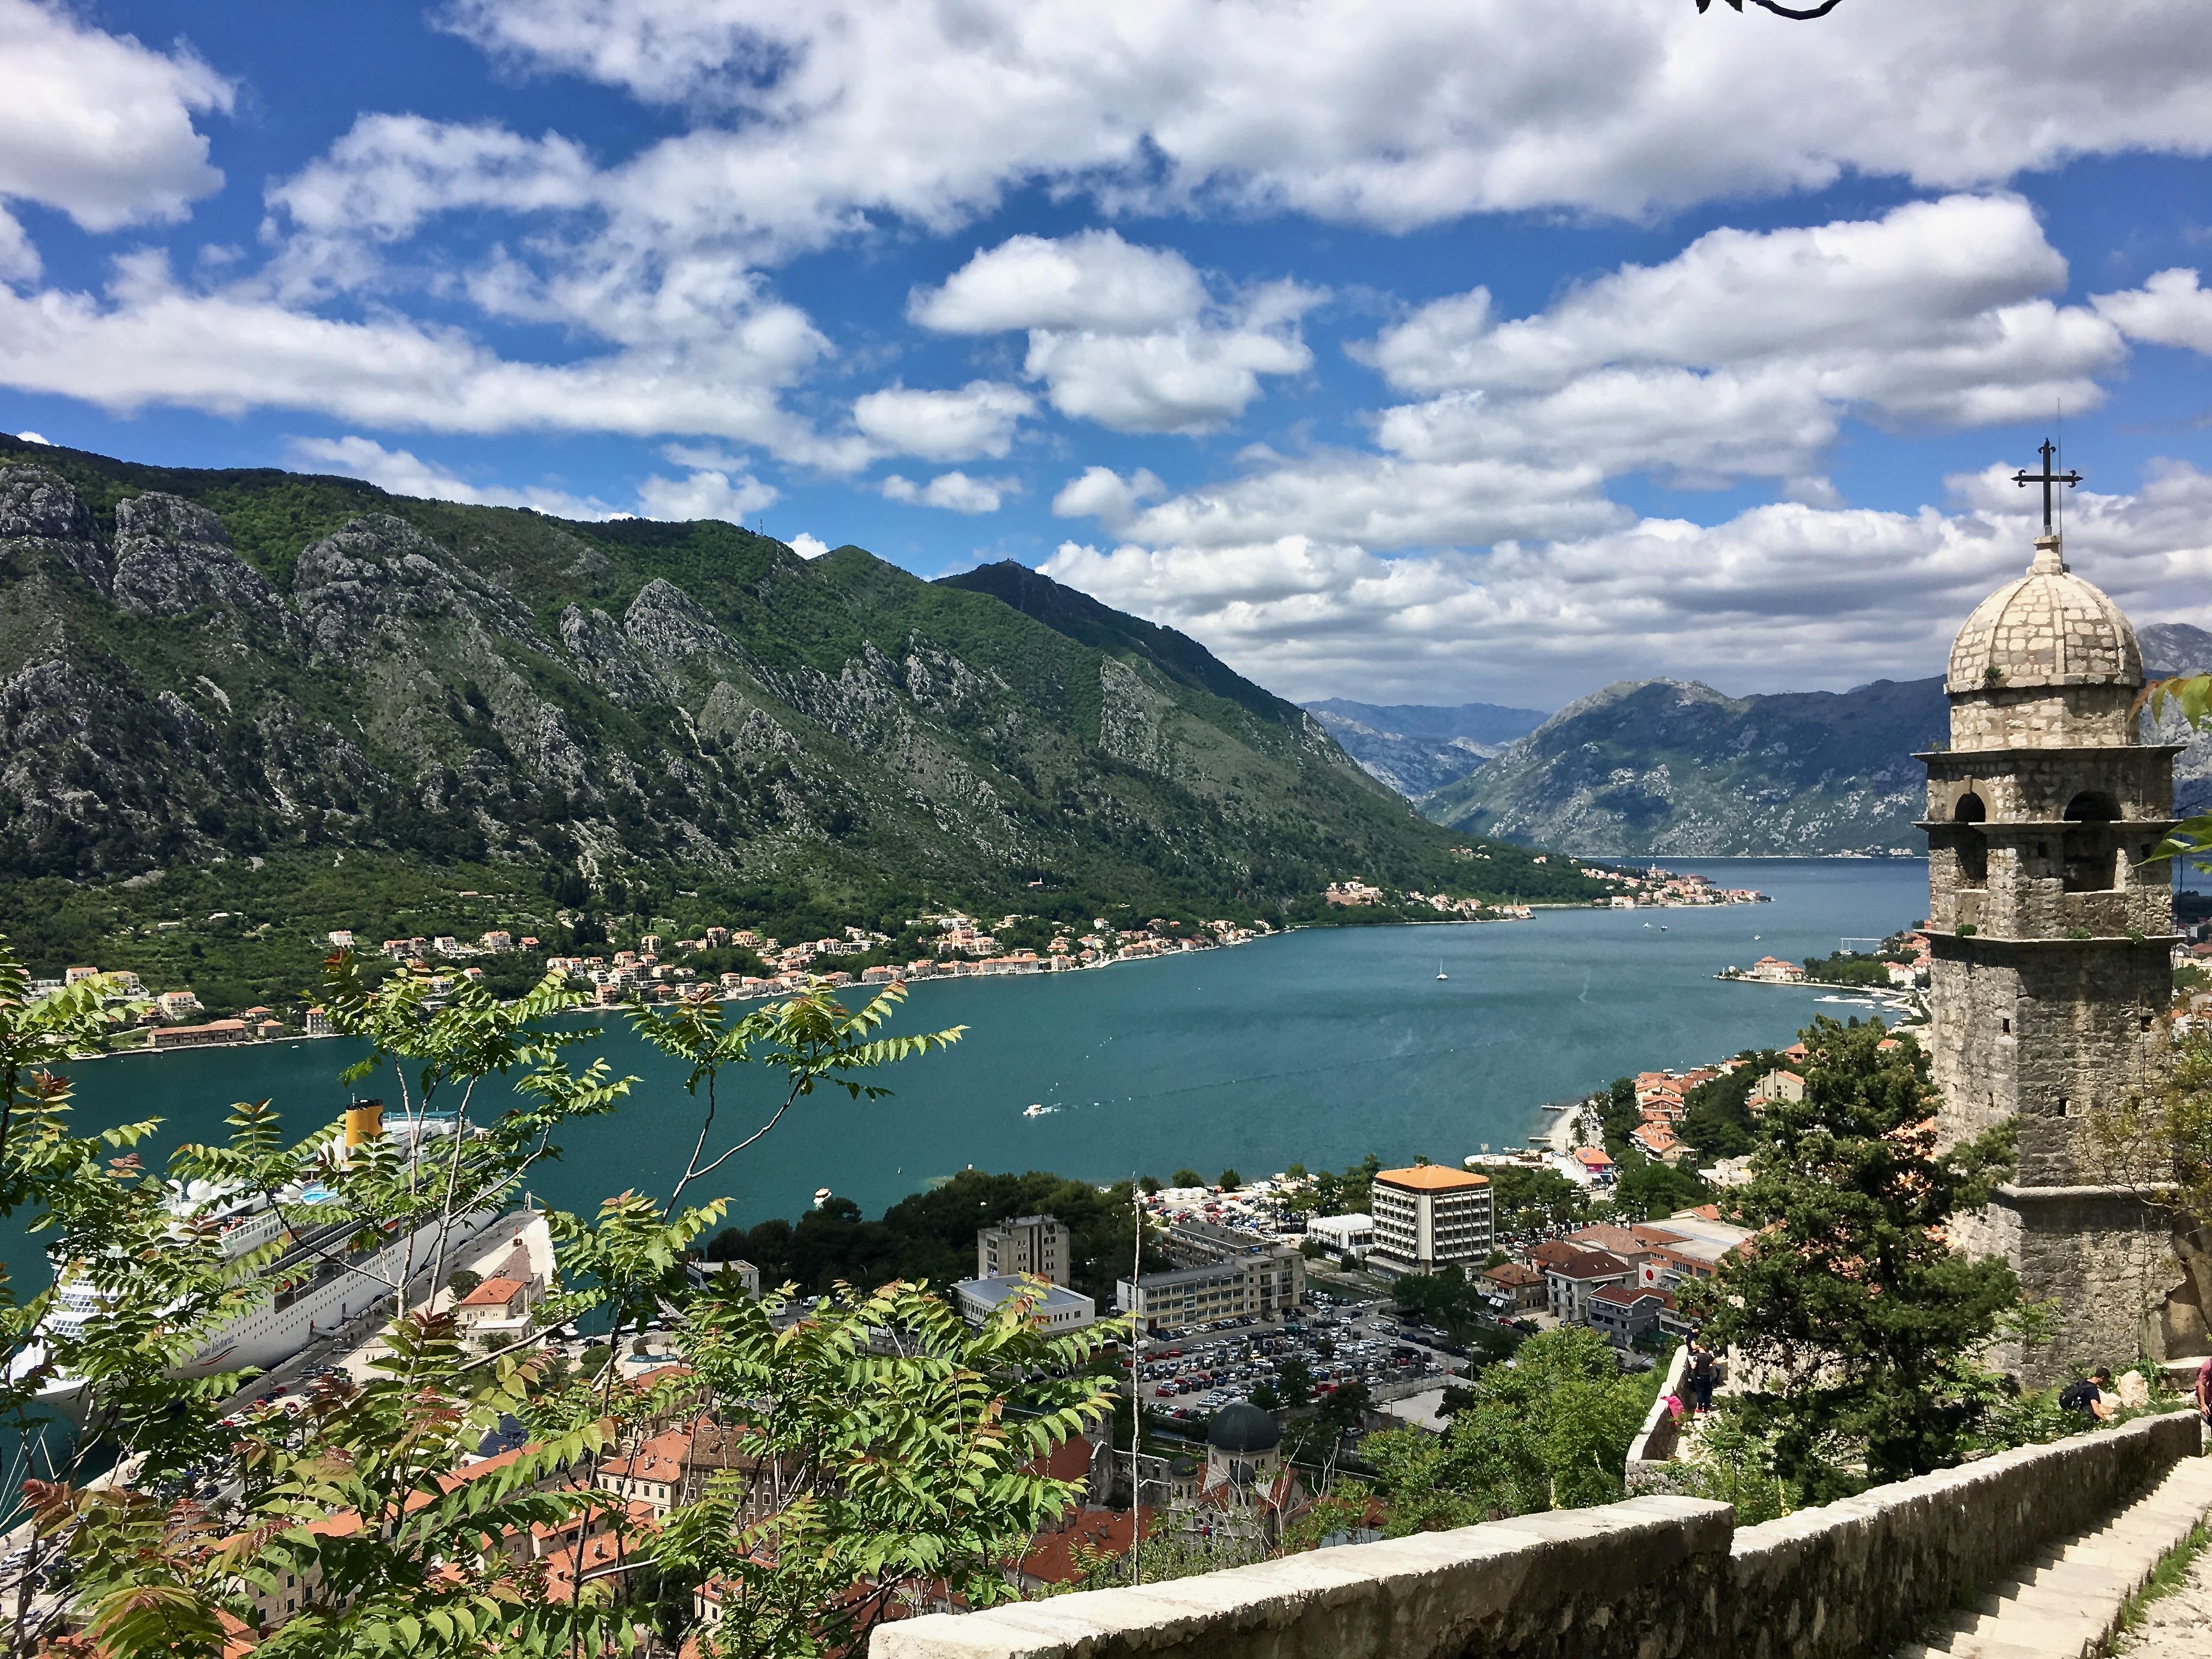 Bucht von Kotor in Montenegro